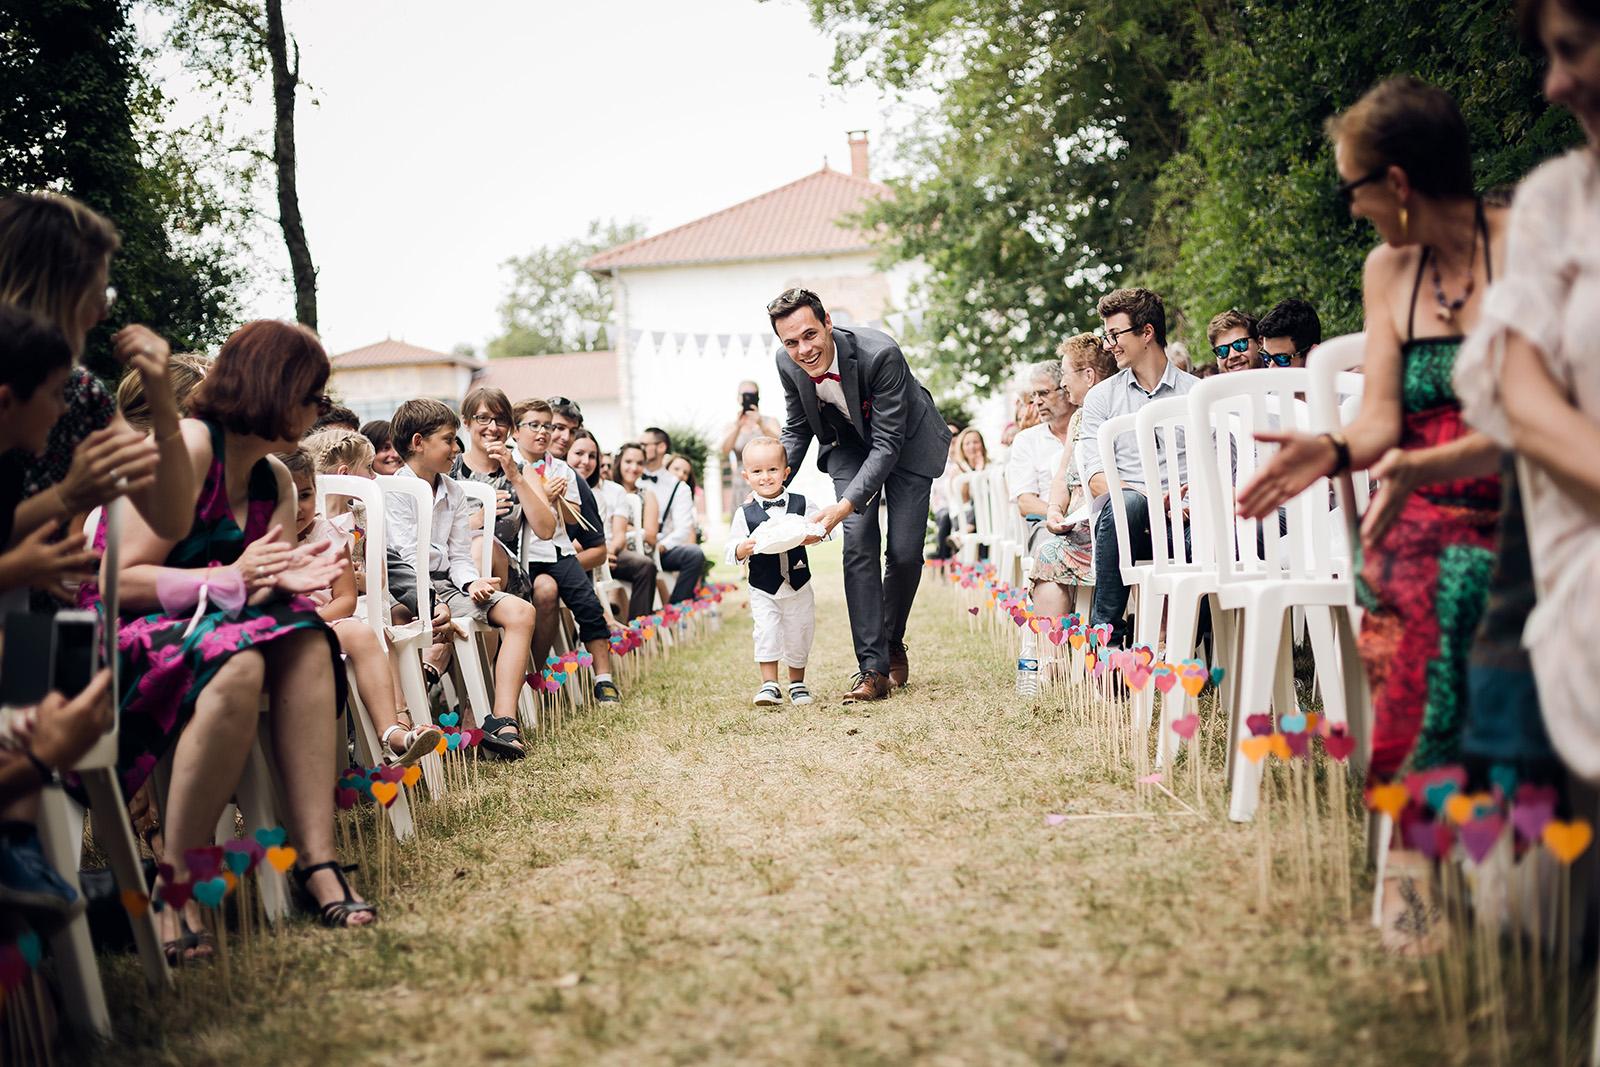 photographe-mariage-lyon-auvergne-rhone-alpes-wedding-photographer-france-domaine-des-batieres-ain-rhone-seance-photo-couple-love-session-6